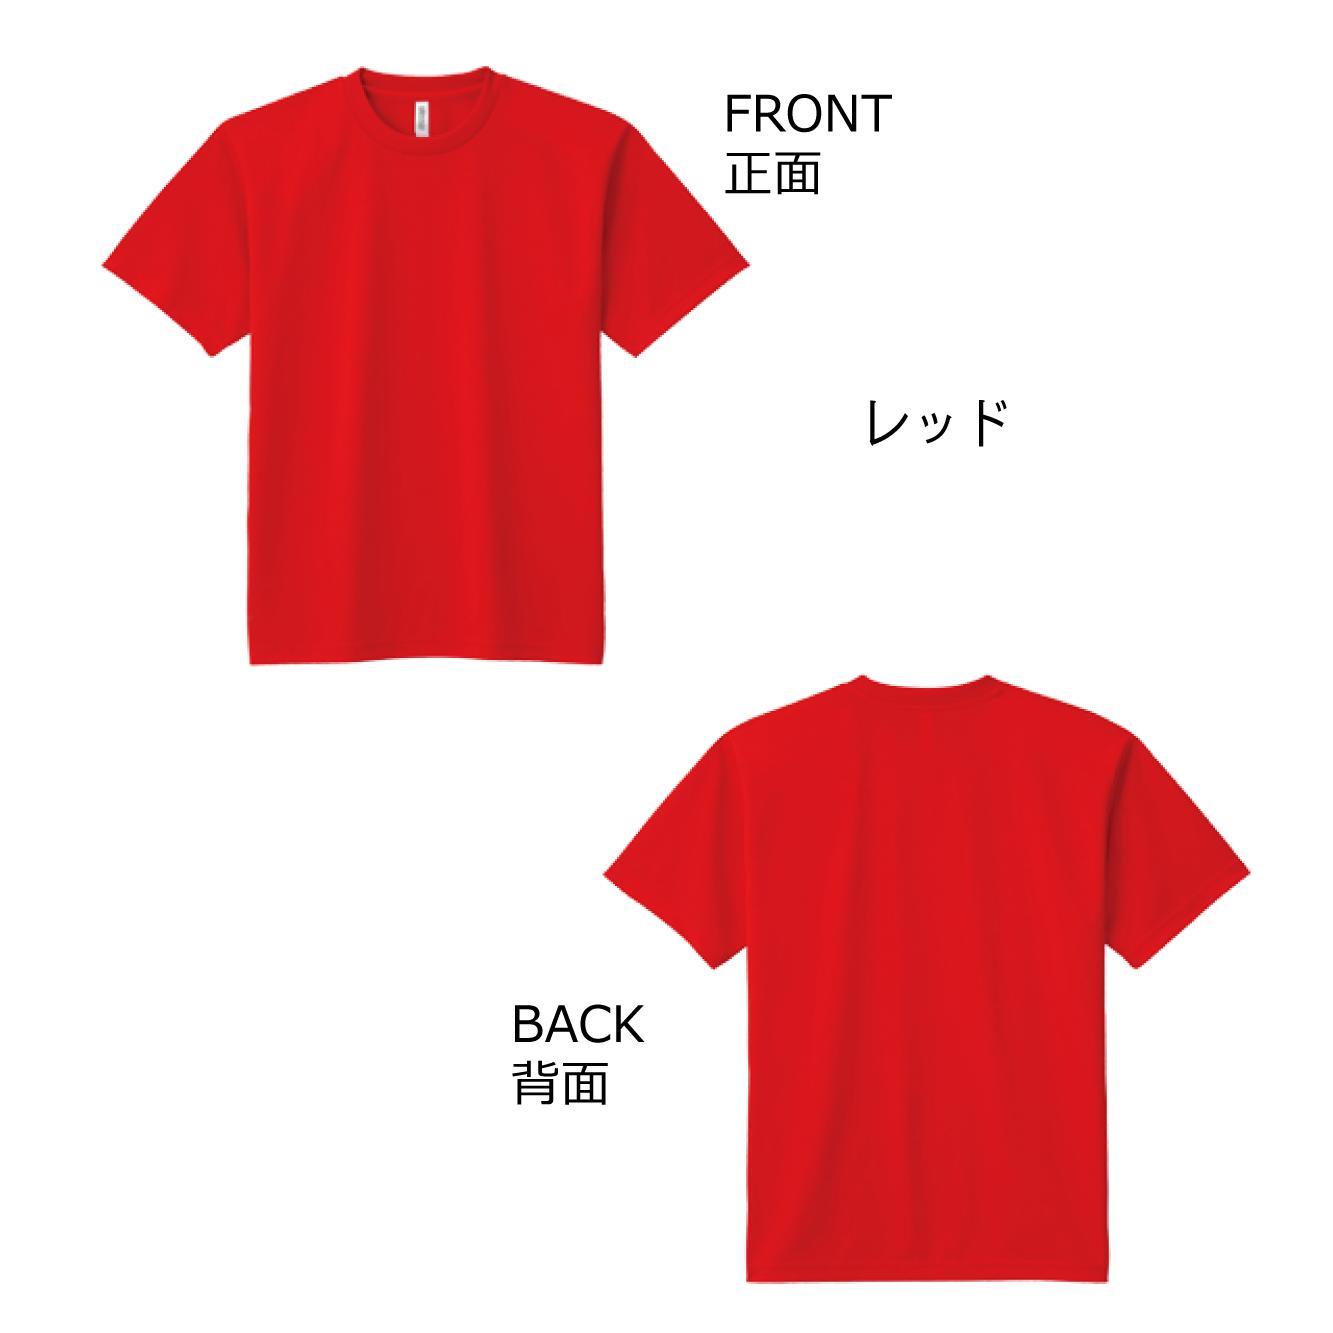 オリジナルプリント 1650プリントドライTシャツ レッド